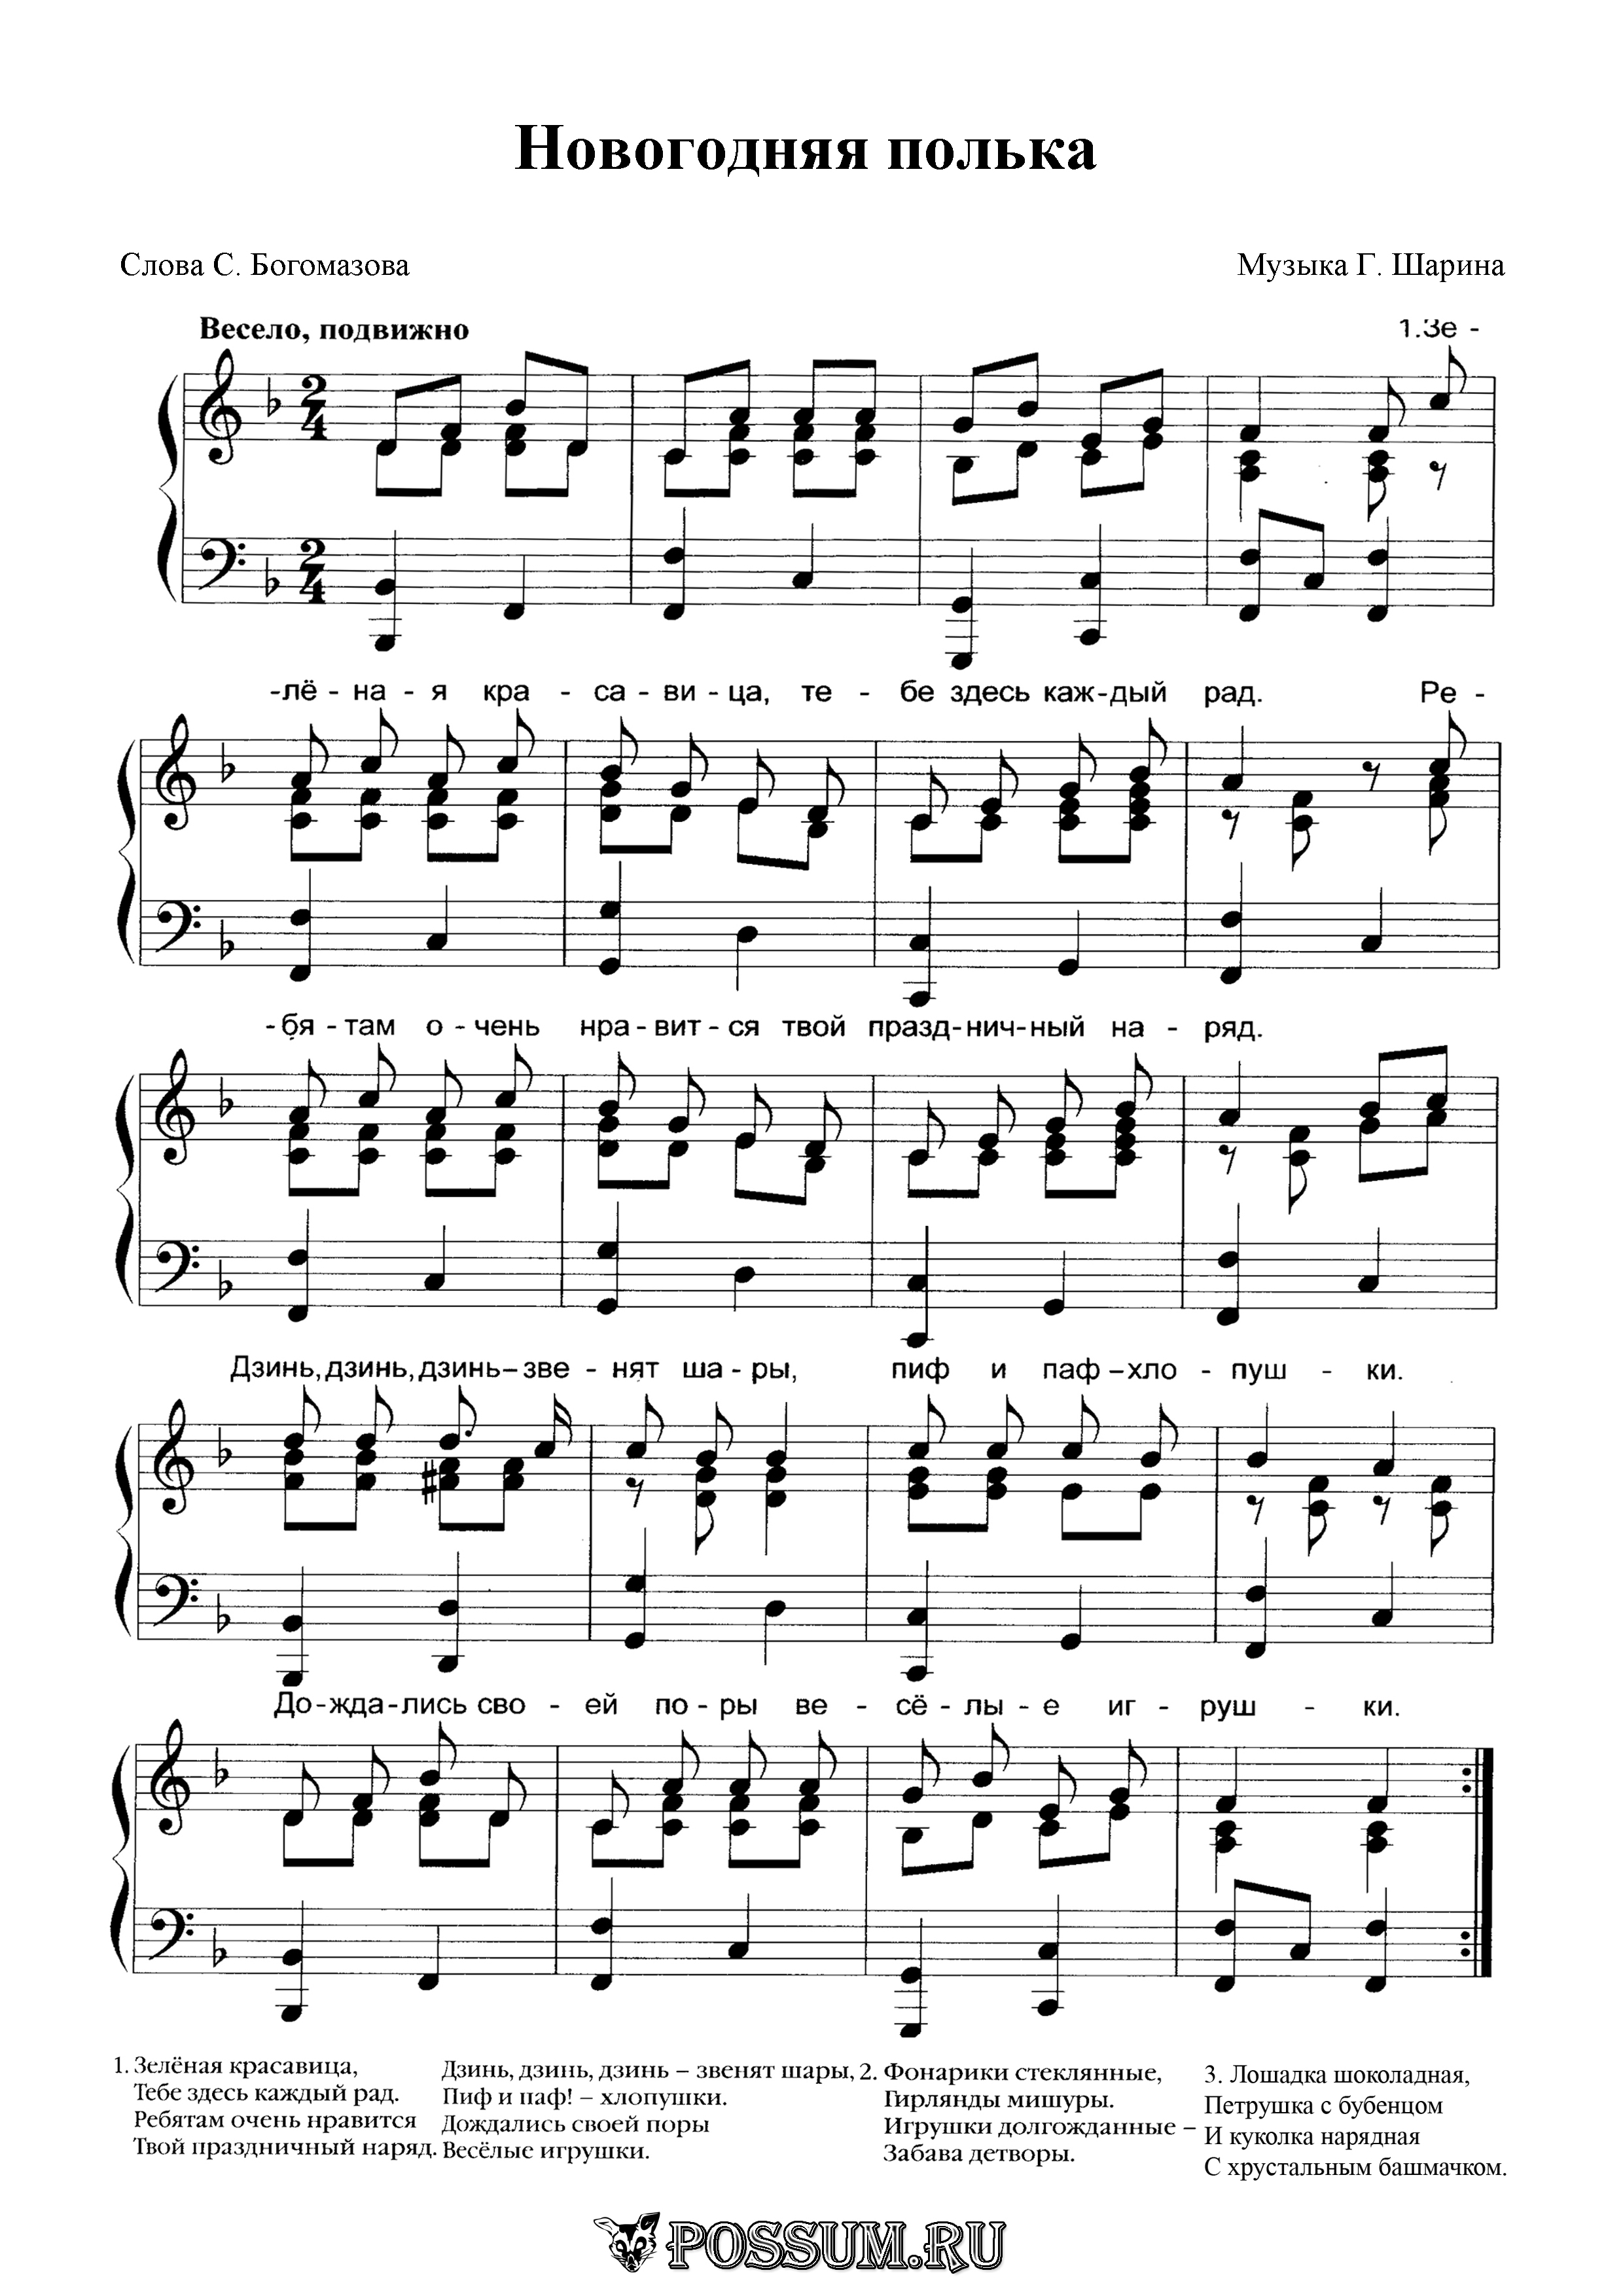 Скачать мелодию полька бесплатно